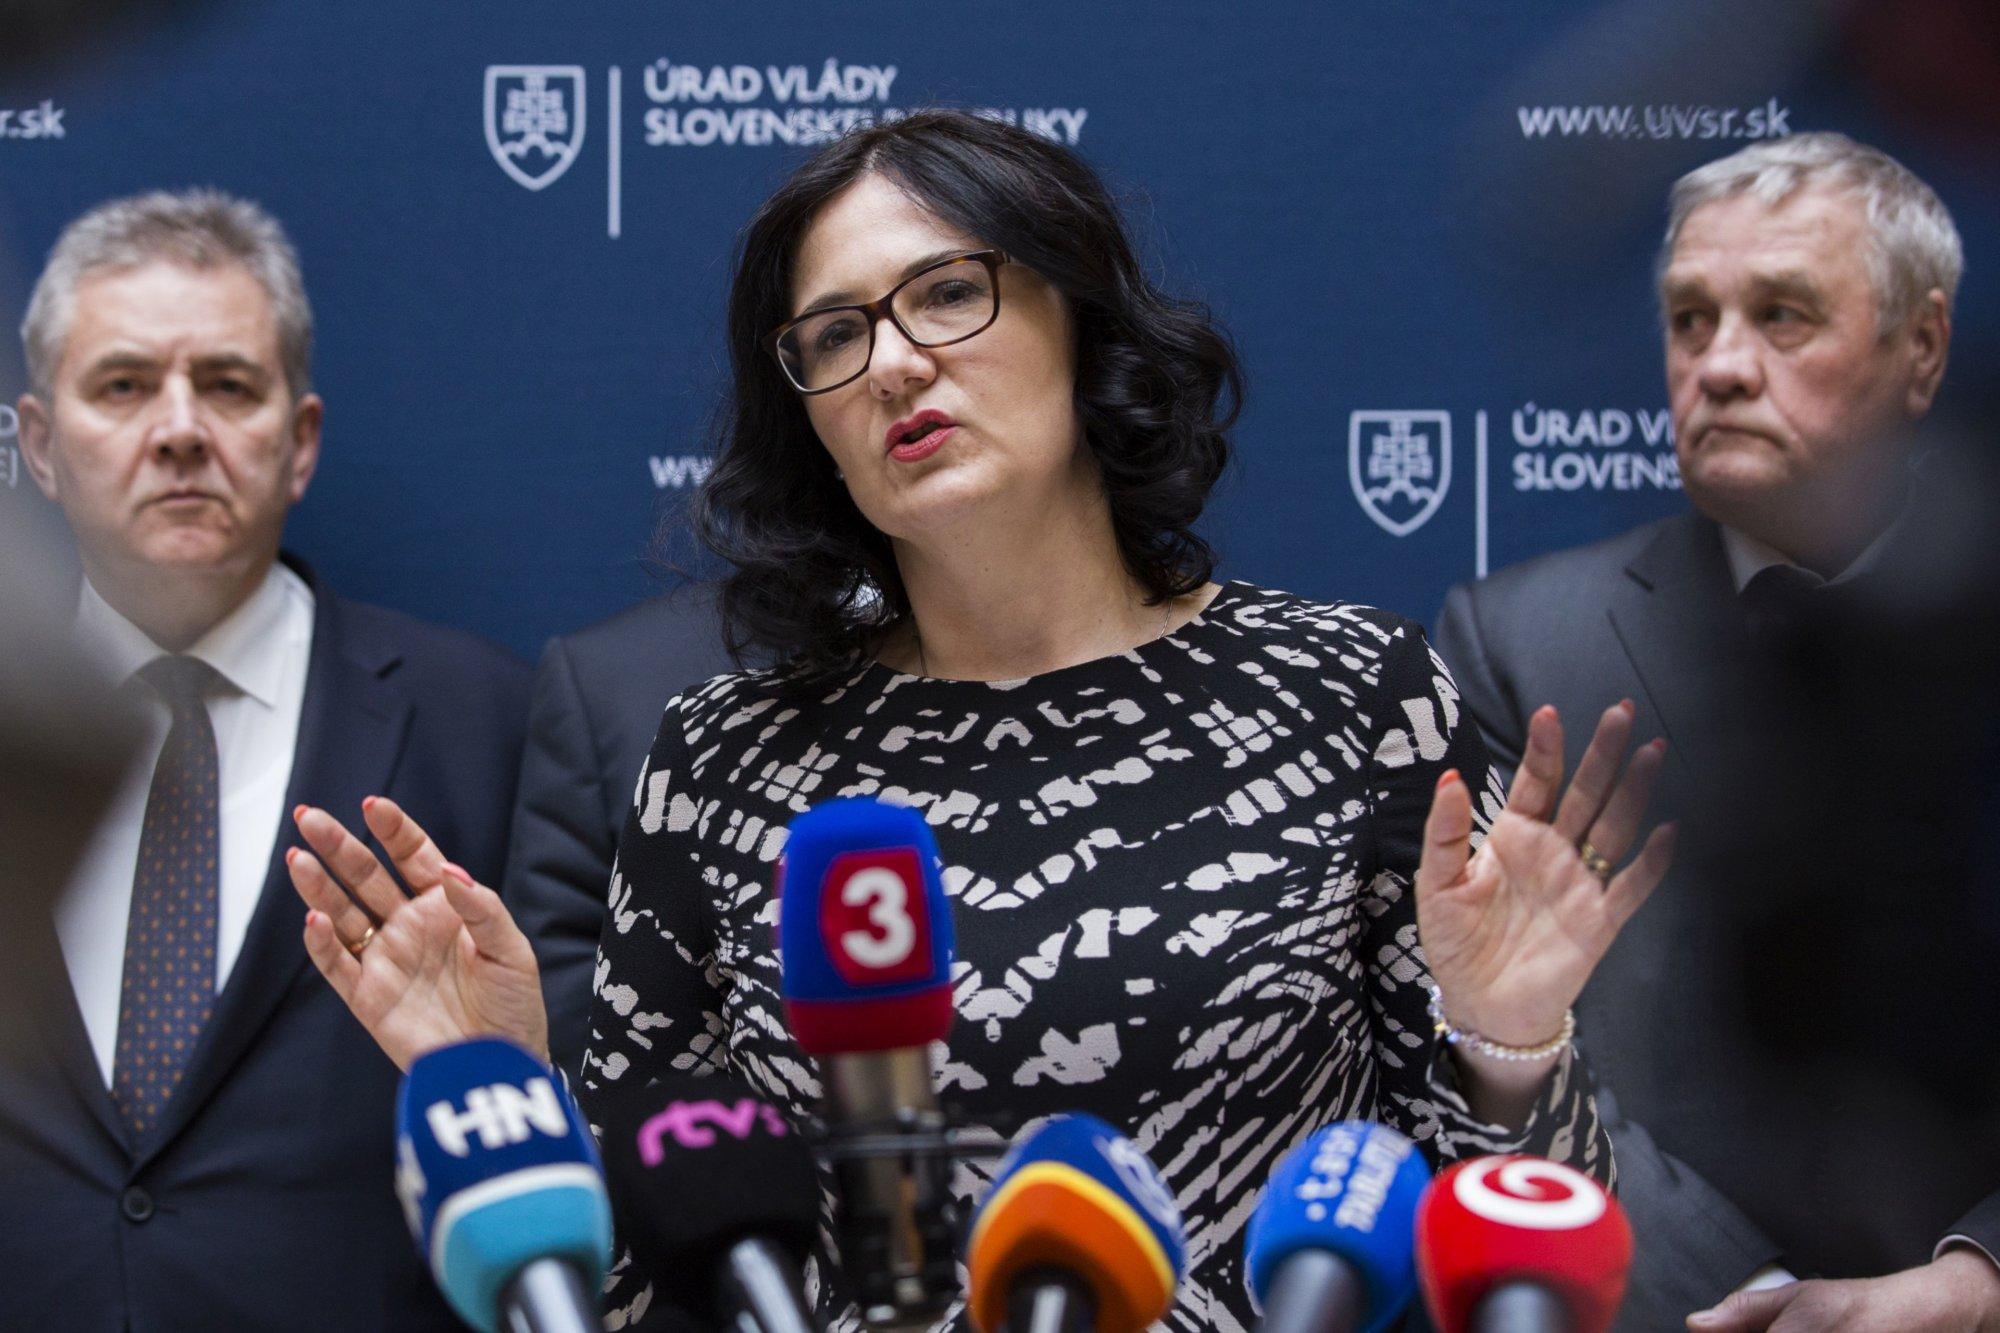 Opozícia chce odvolať Lubyovú: prepadli eurofondy, pochybne rozdelila 33 miliónov, nevyriešila kauzy – Denník N